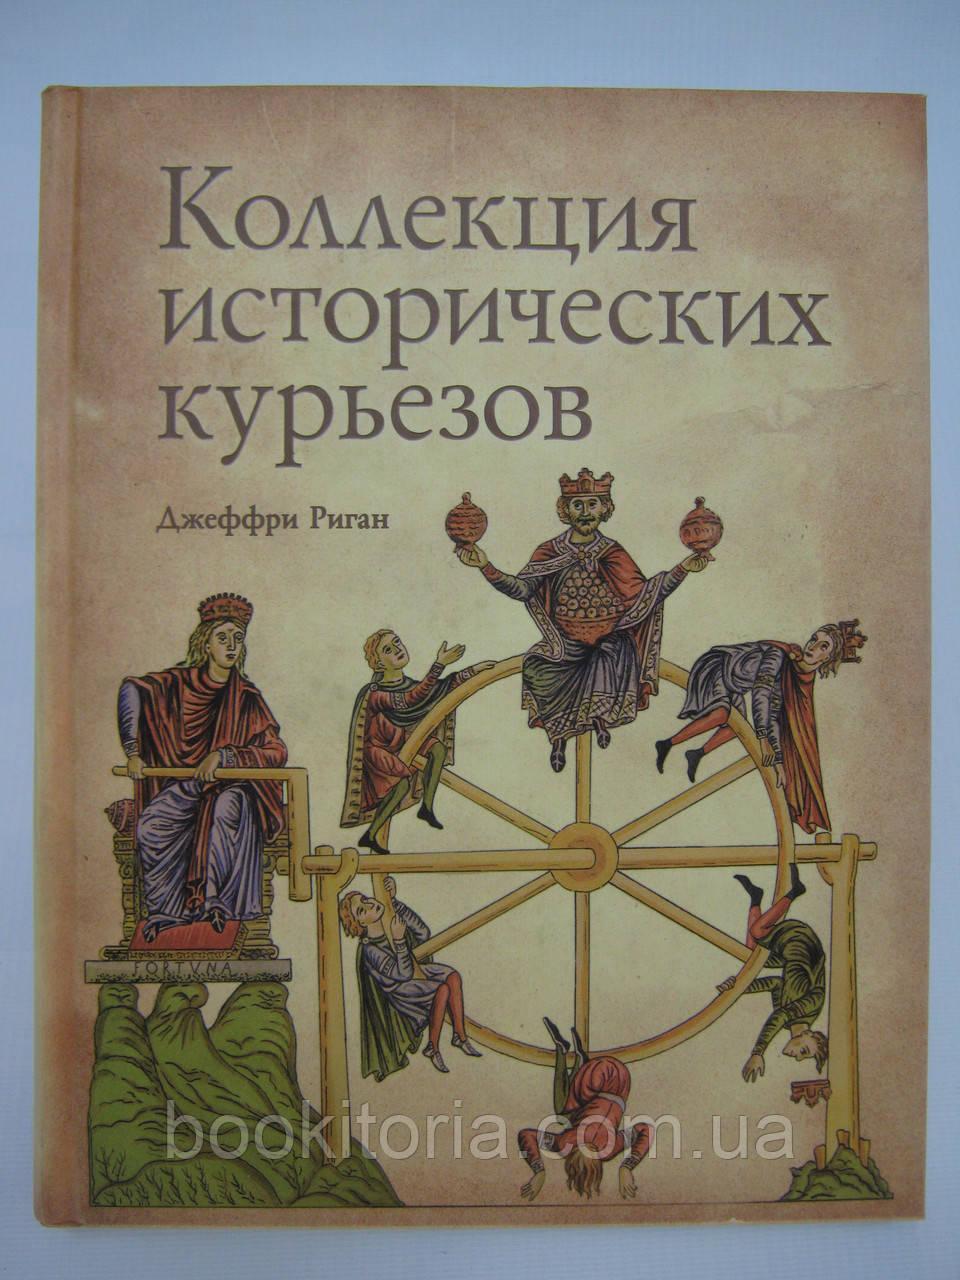 Риган Дж. Коллекция исторических курьезов (б/у).